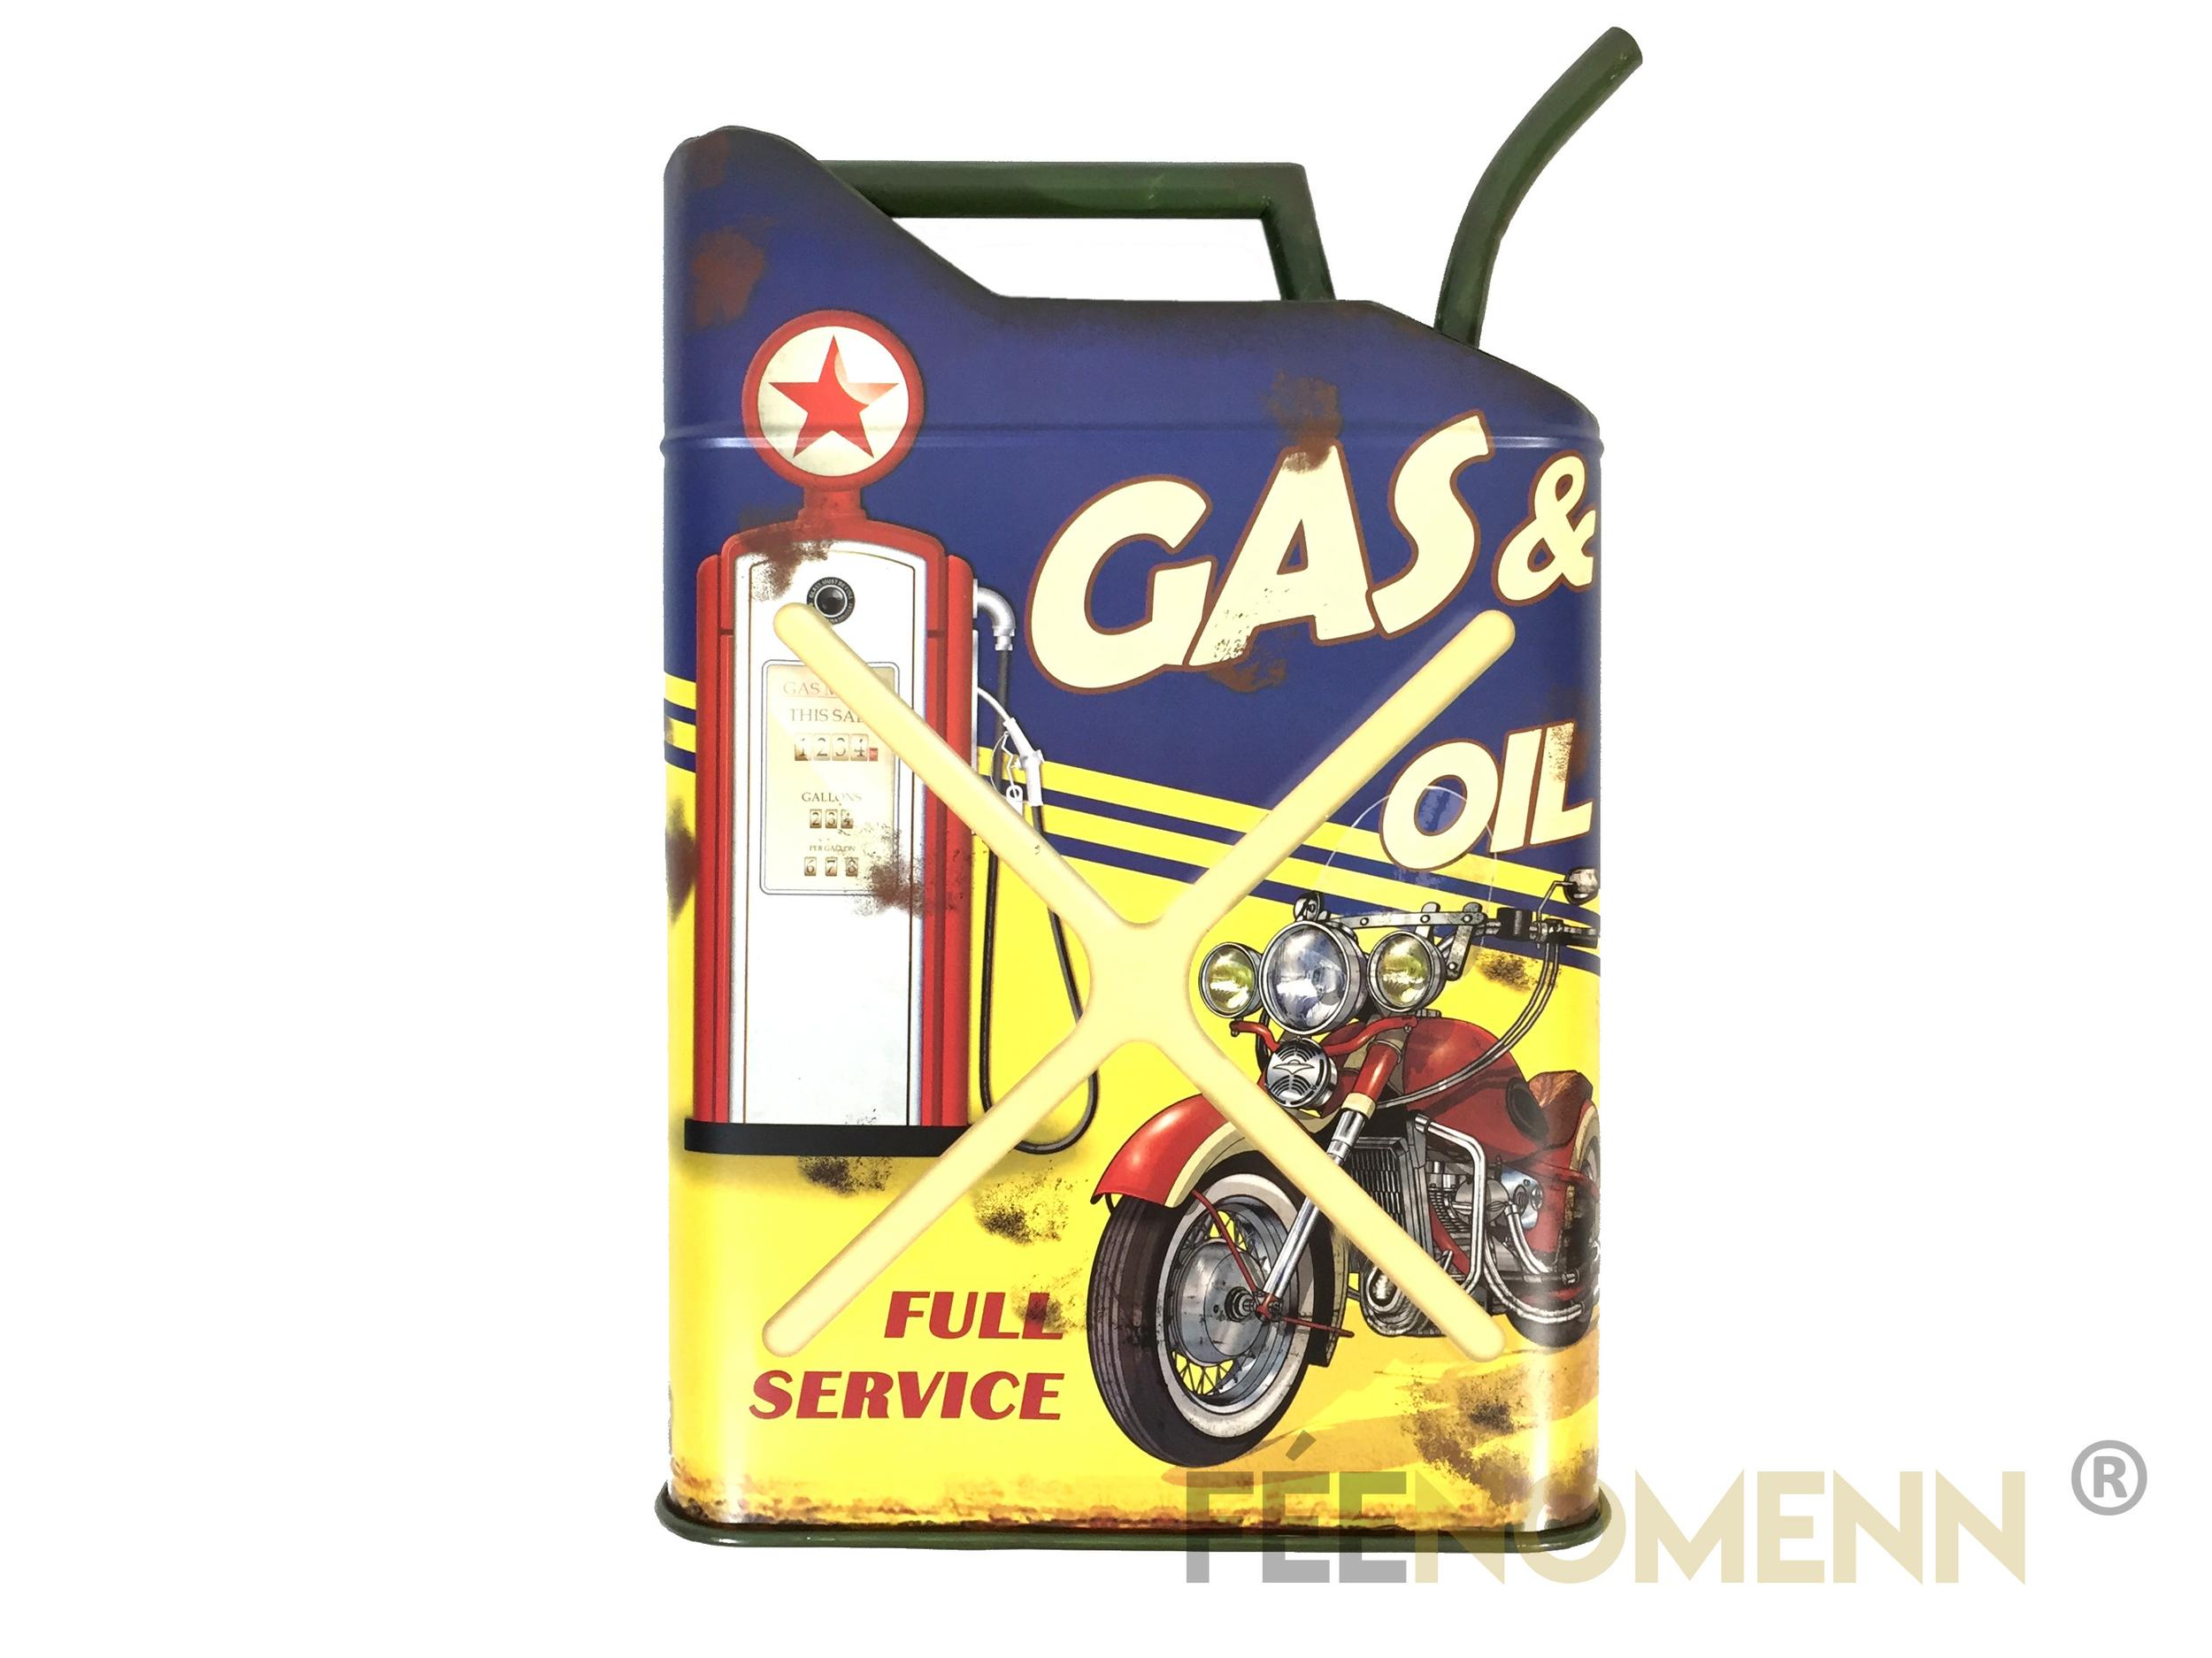 Déco Murale Vintage en Métal - Forme Jerrican / Bidon Huile - Moto Gas Oil (50x32cm)